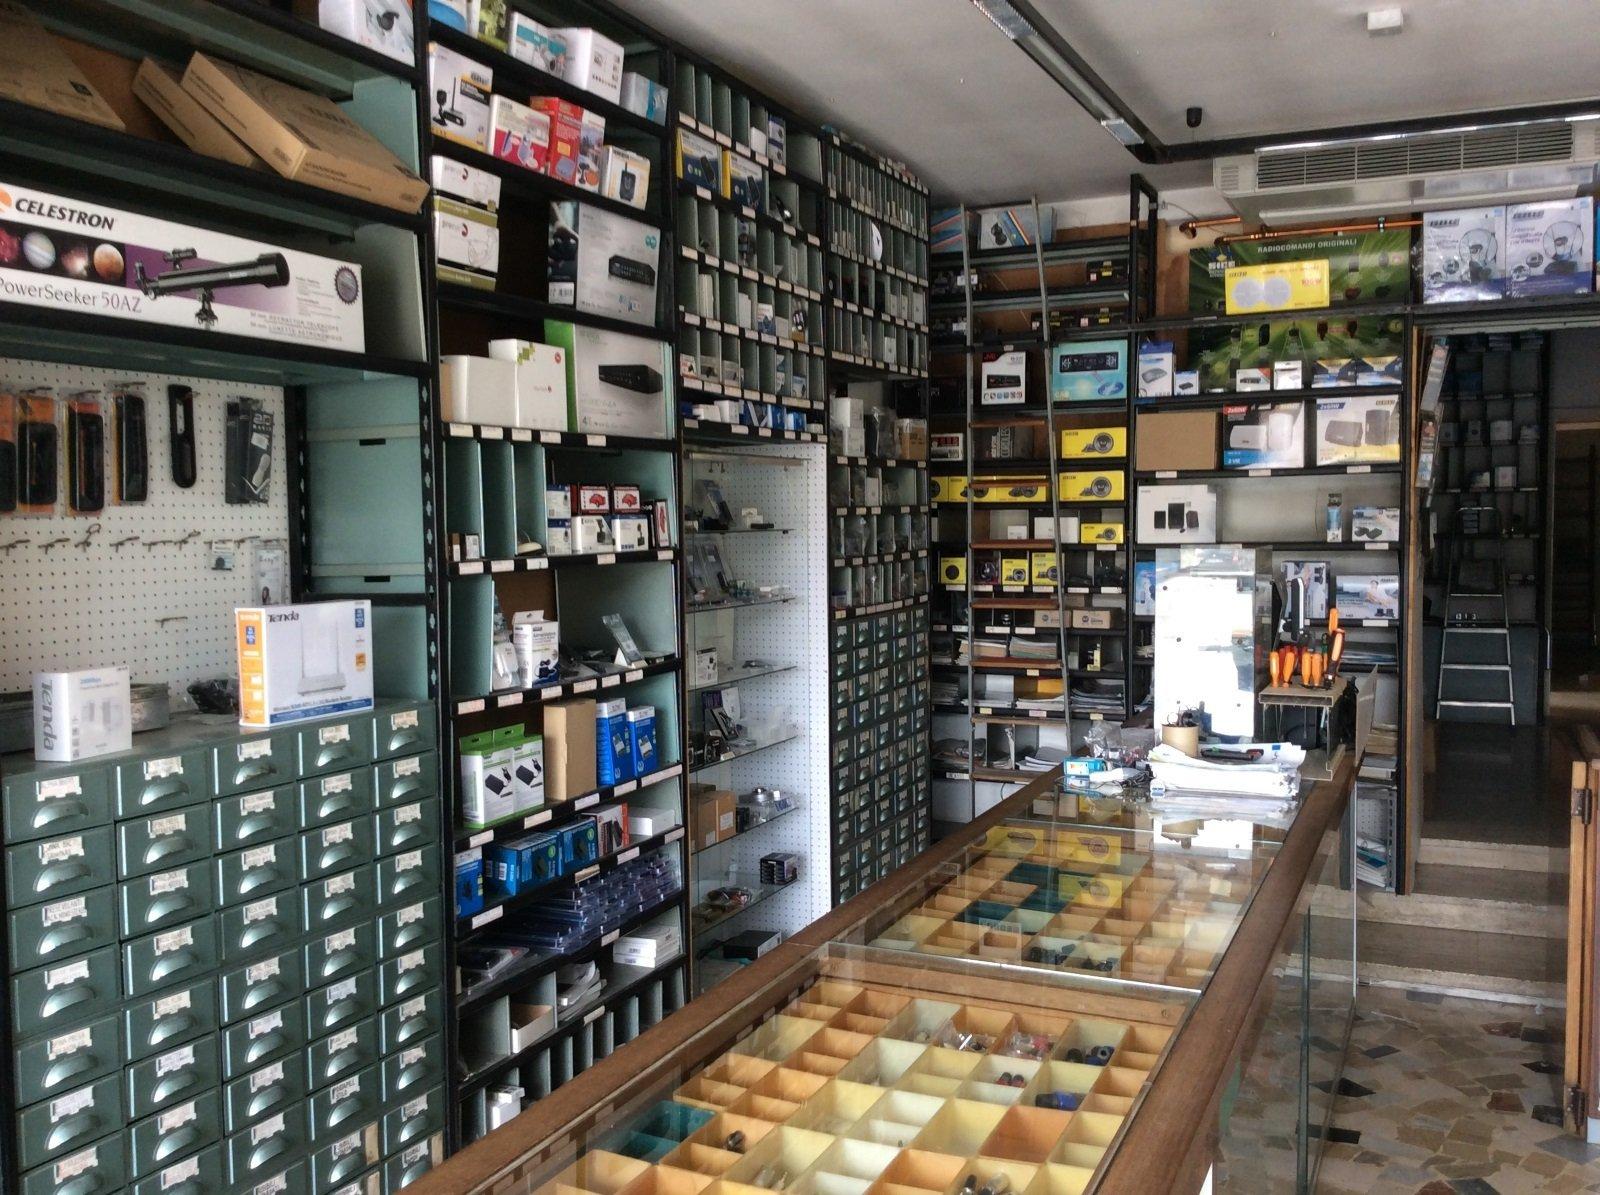 interno di un negozio di elettronica